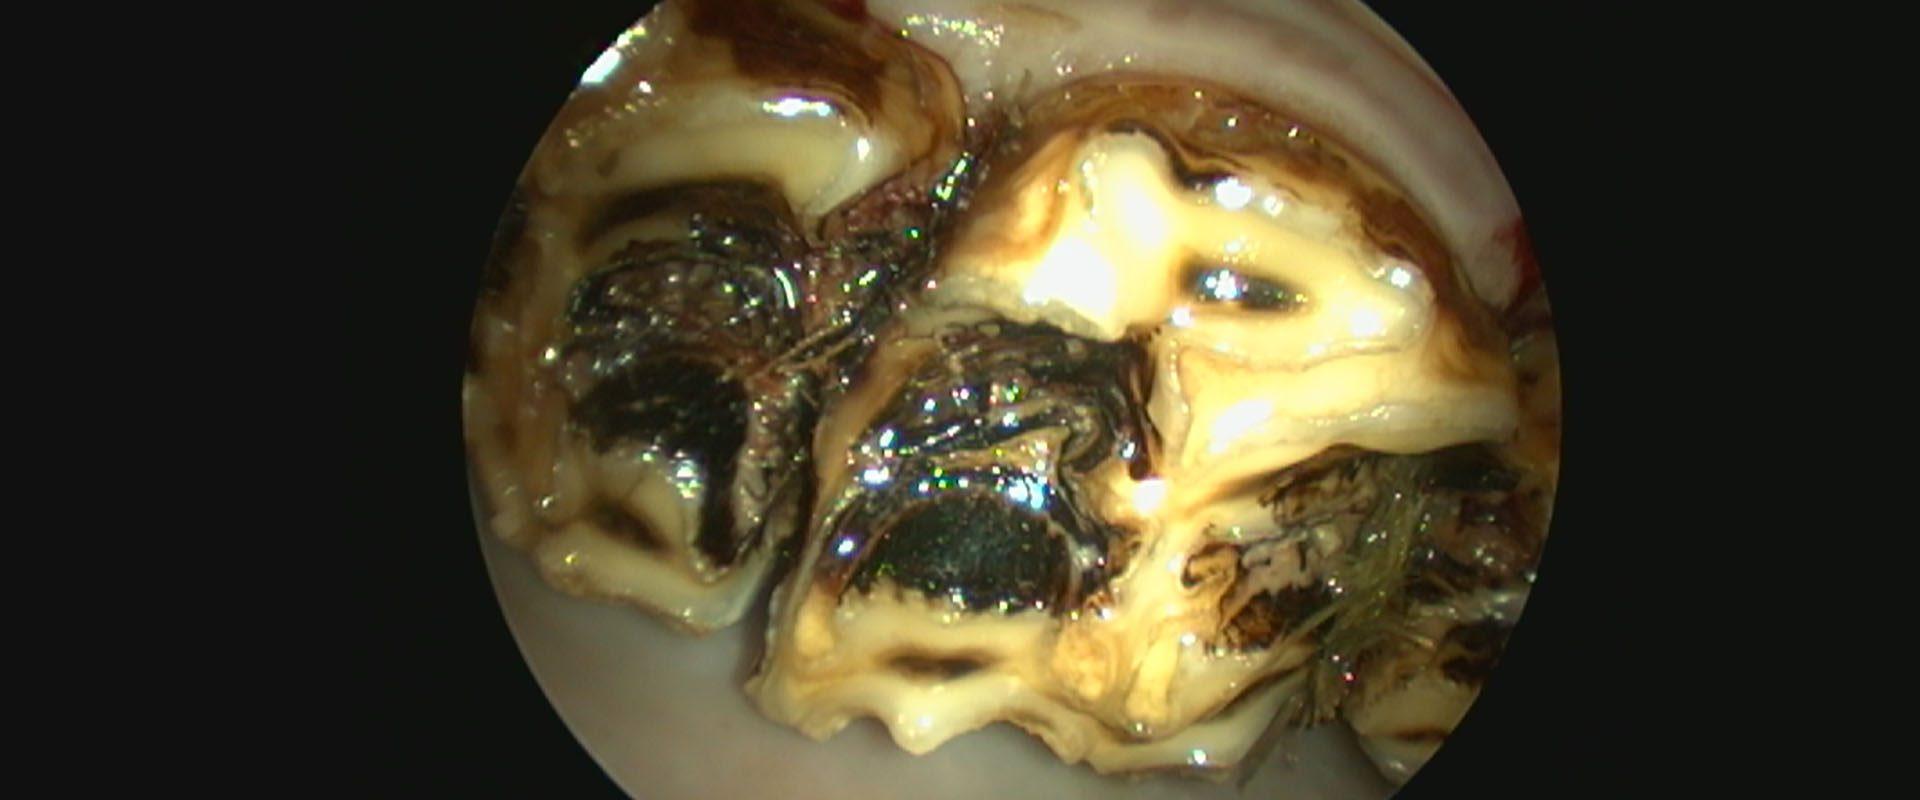 Lähikuva hevosen hampaasta - periferinen karies